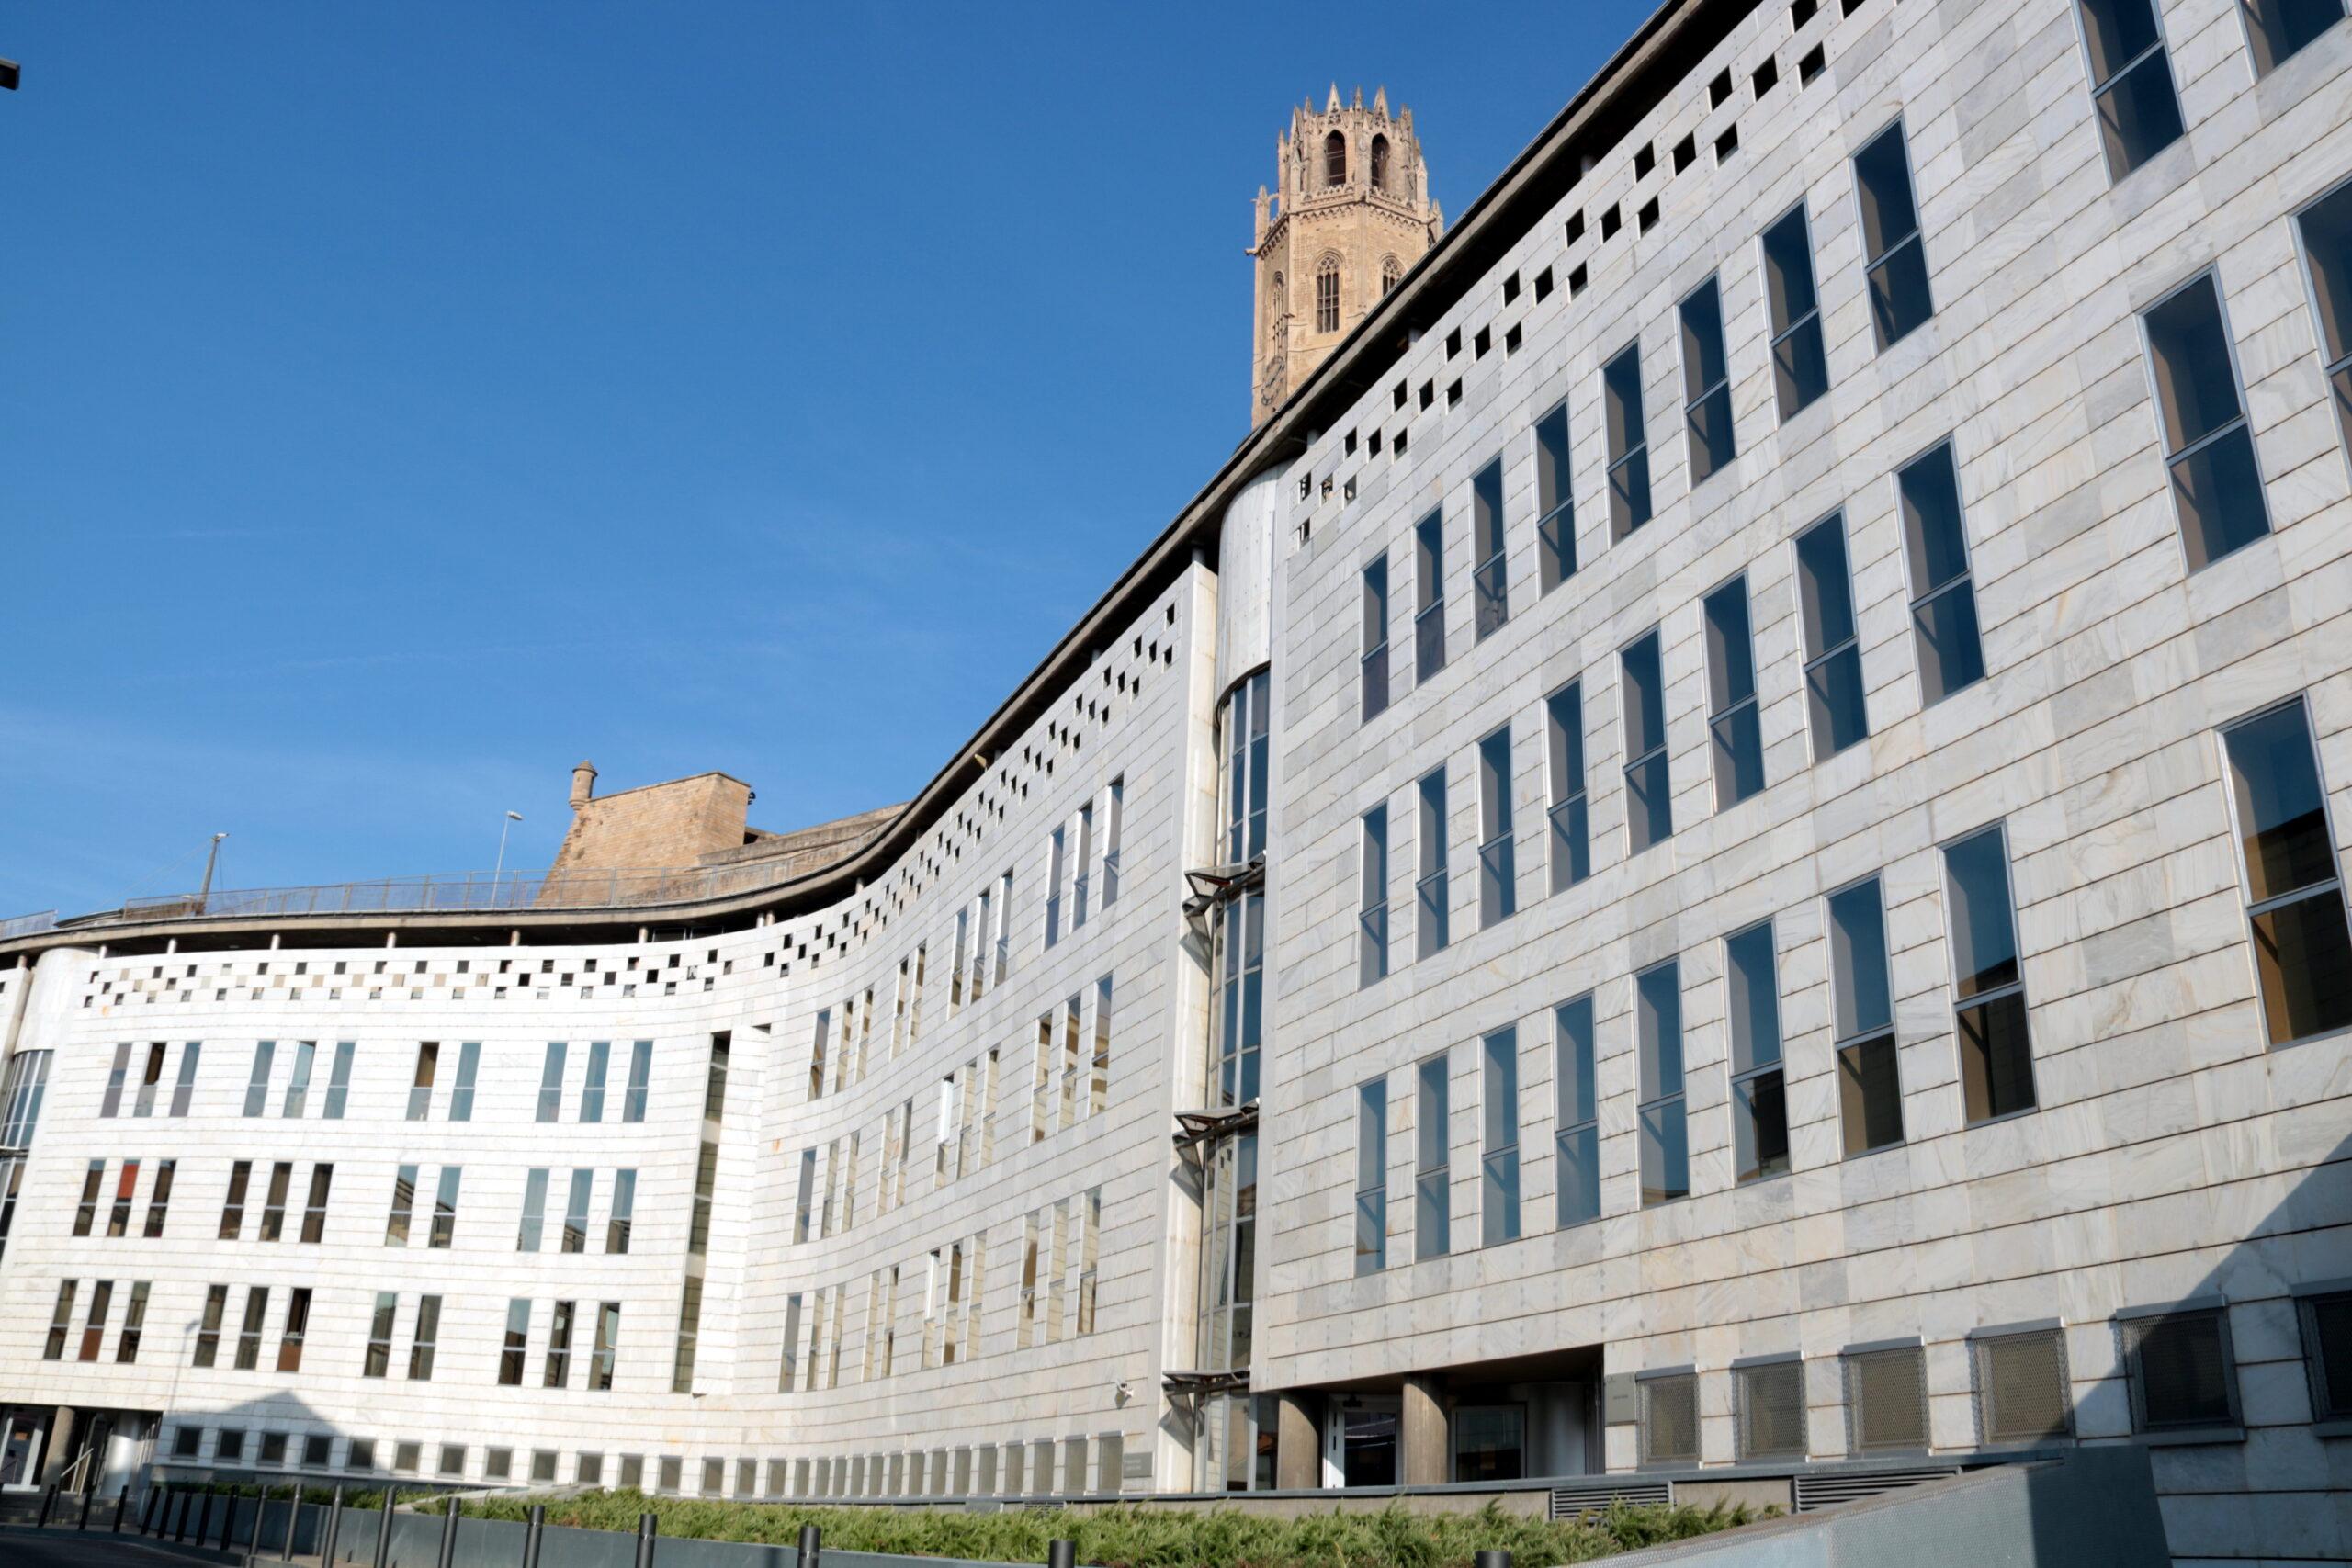 Pla general de l'edifici dels jutjats de Lleida, el 23 d'agost del 2019. (Horitzontal)